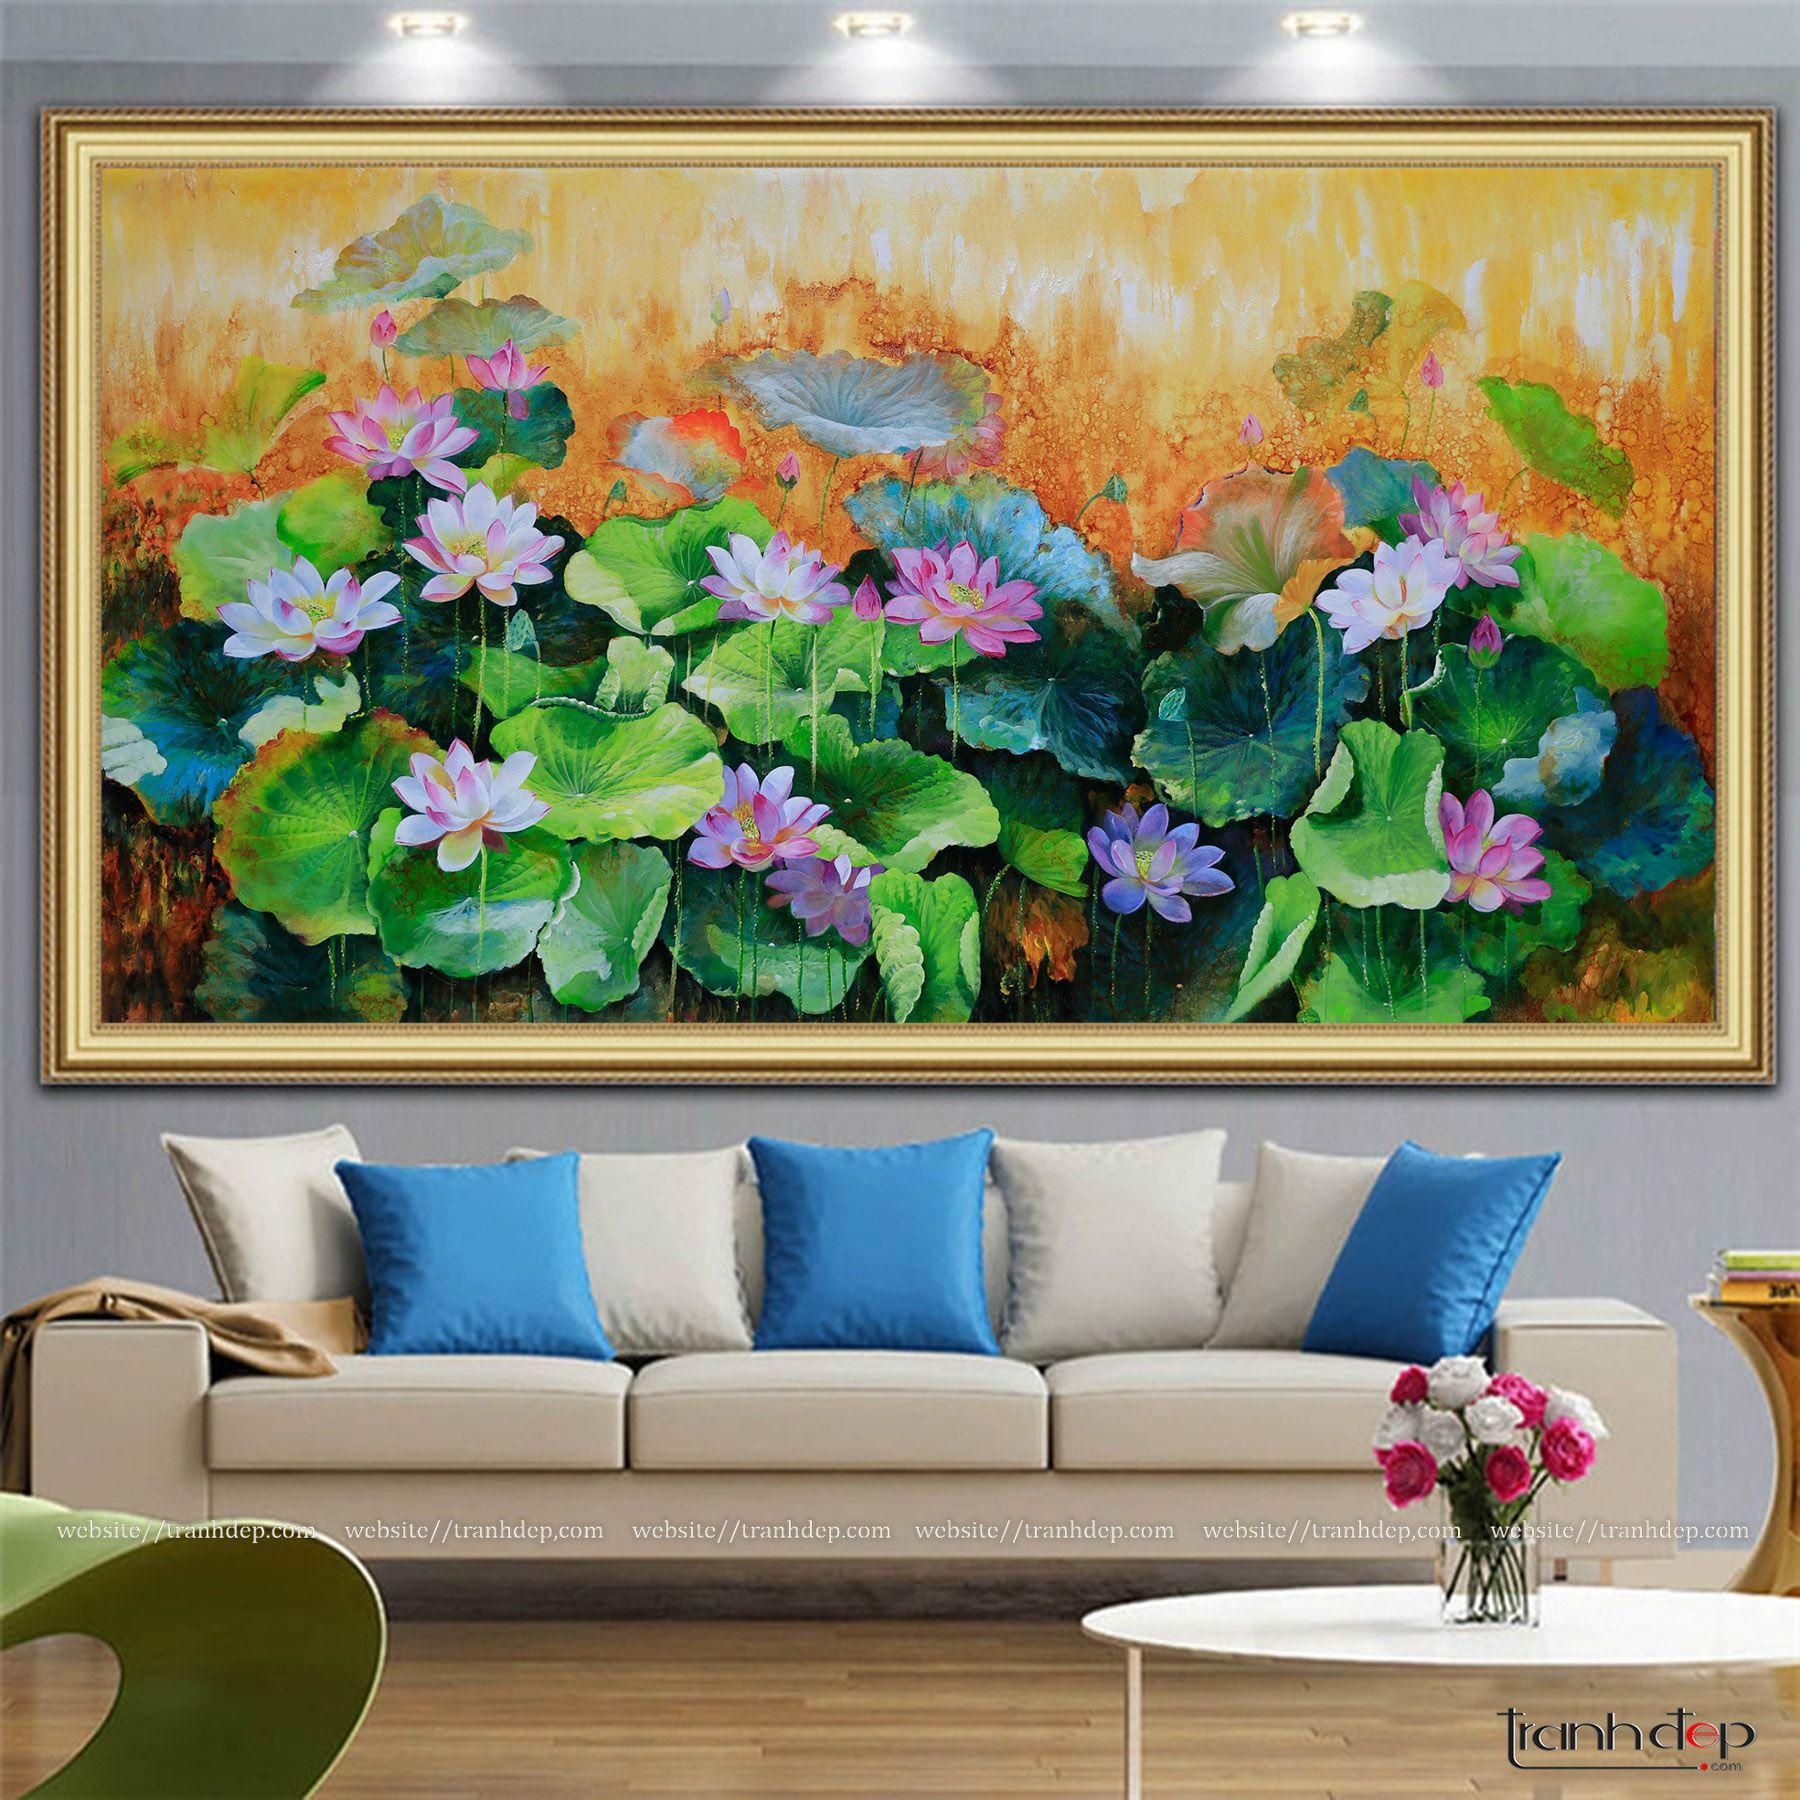 Tranh hoa sen treo sofa